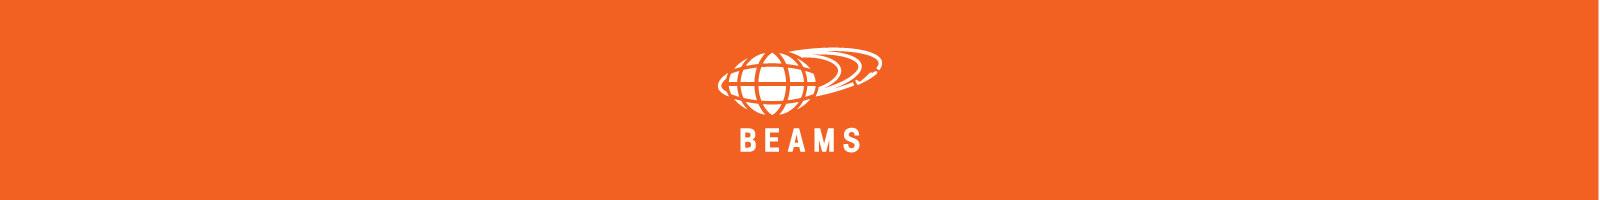 beams_banner